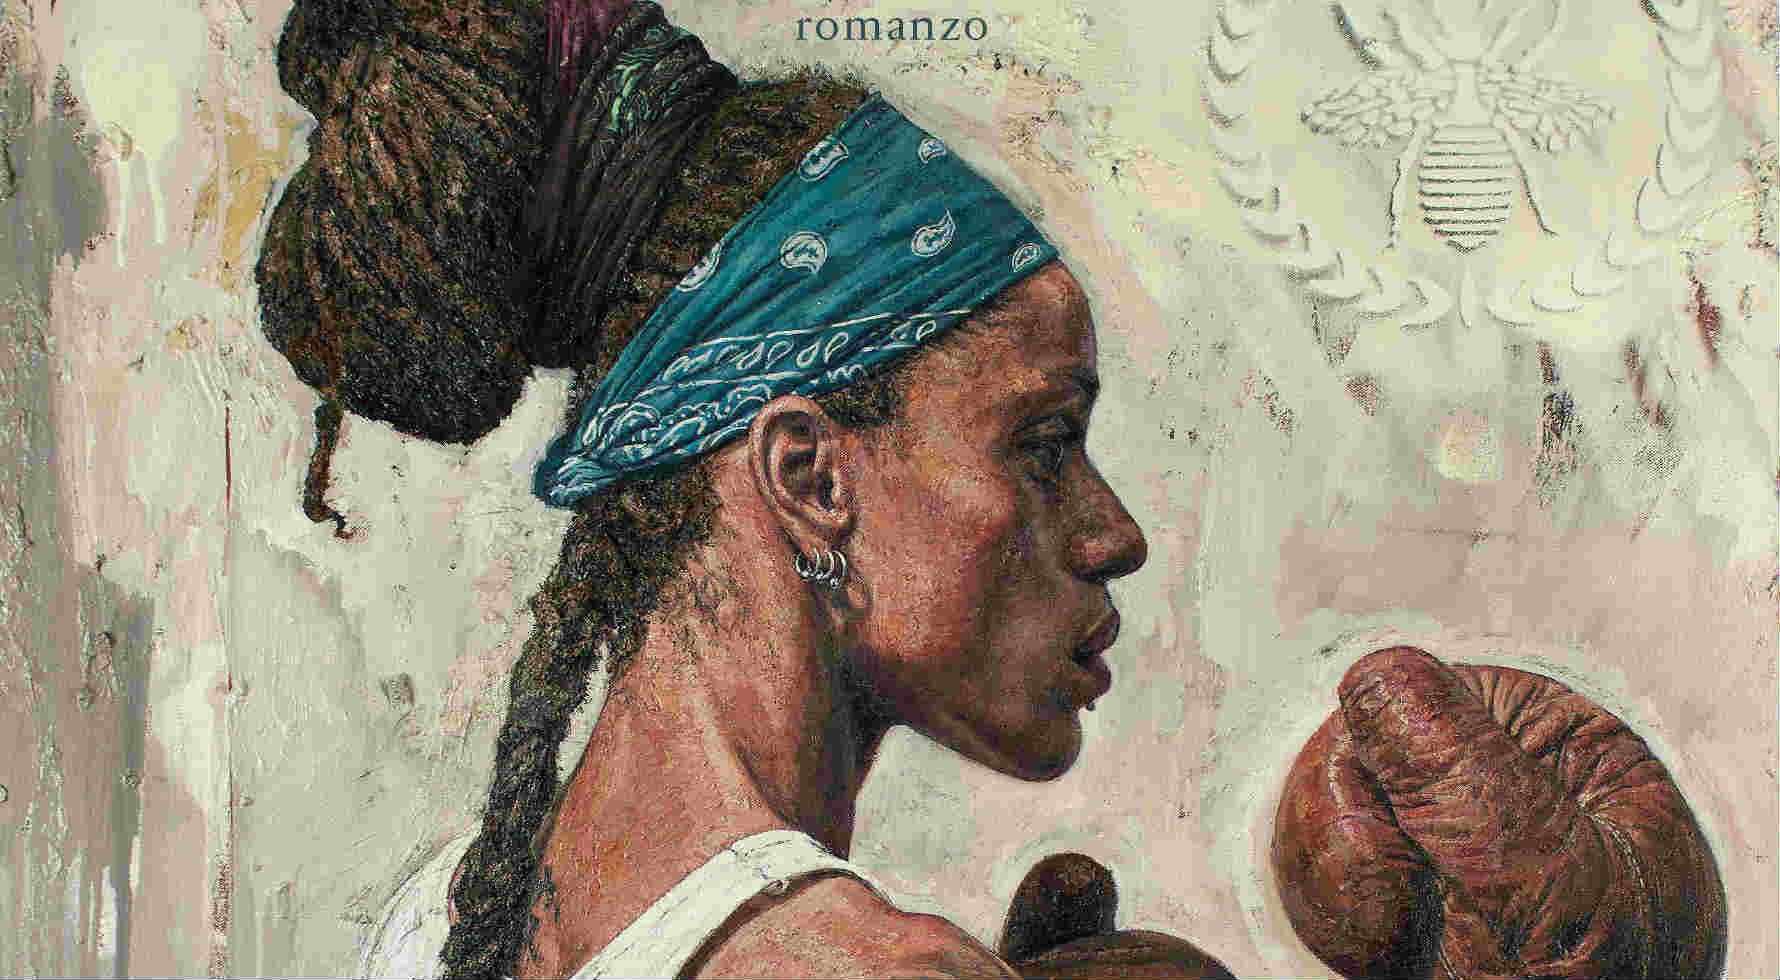 Libri che raccontano la contemporaneità multietnica attraverso gli occhi delle donne